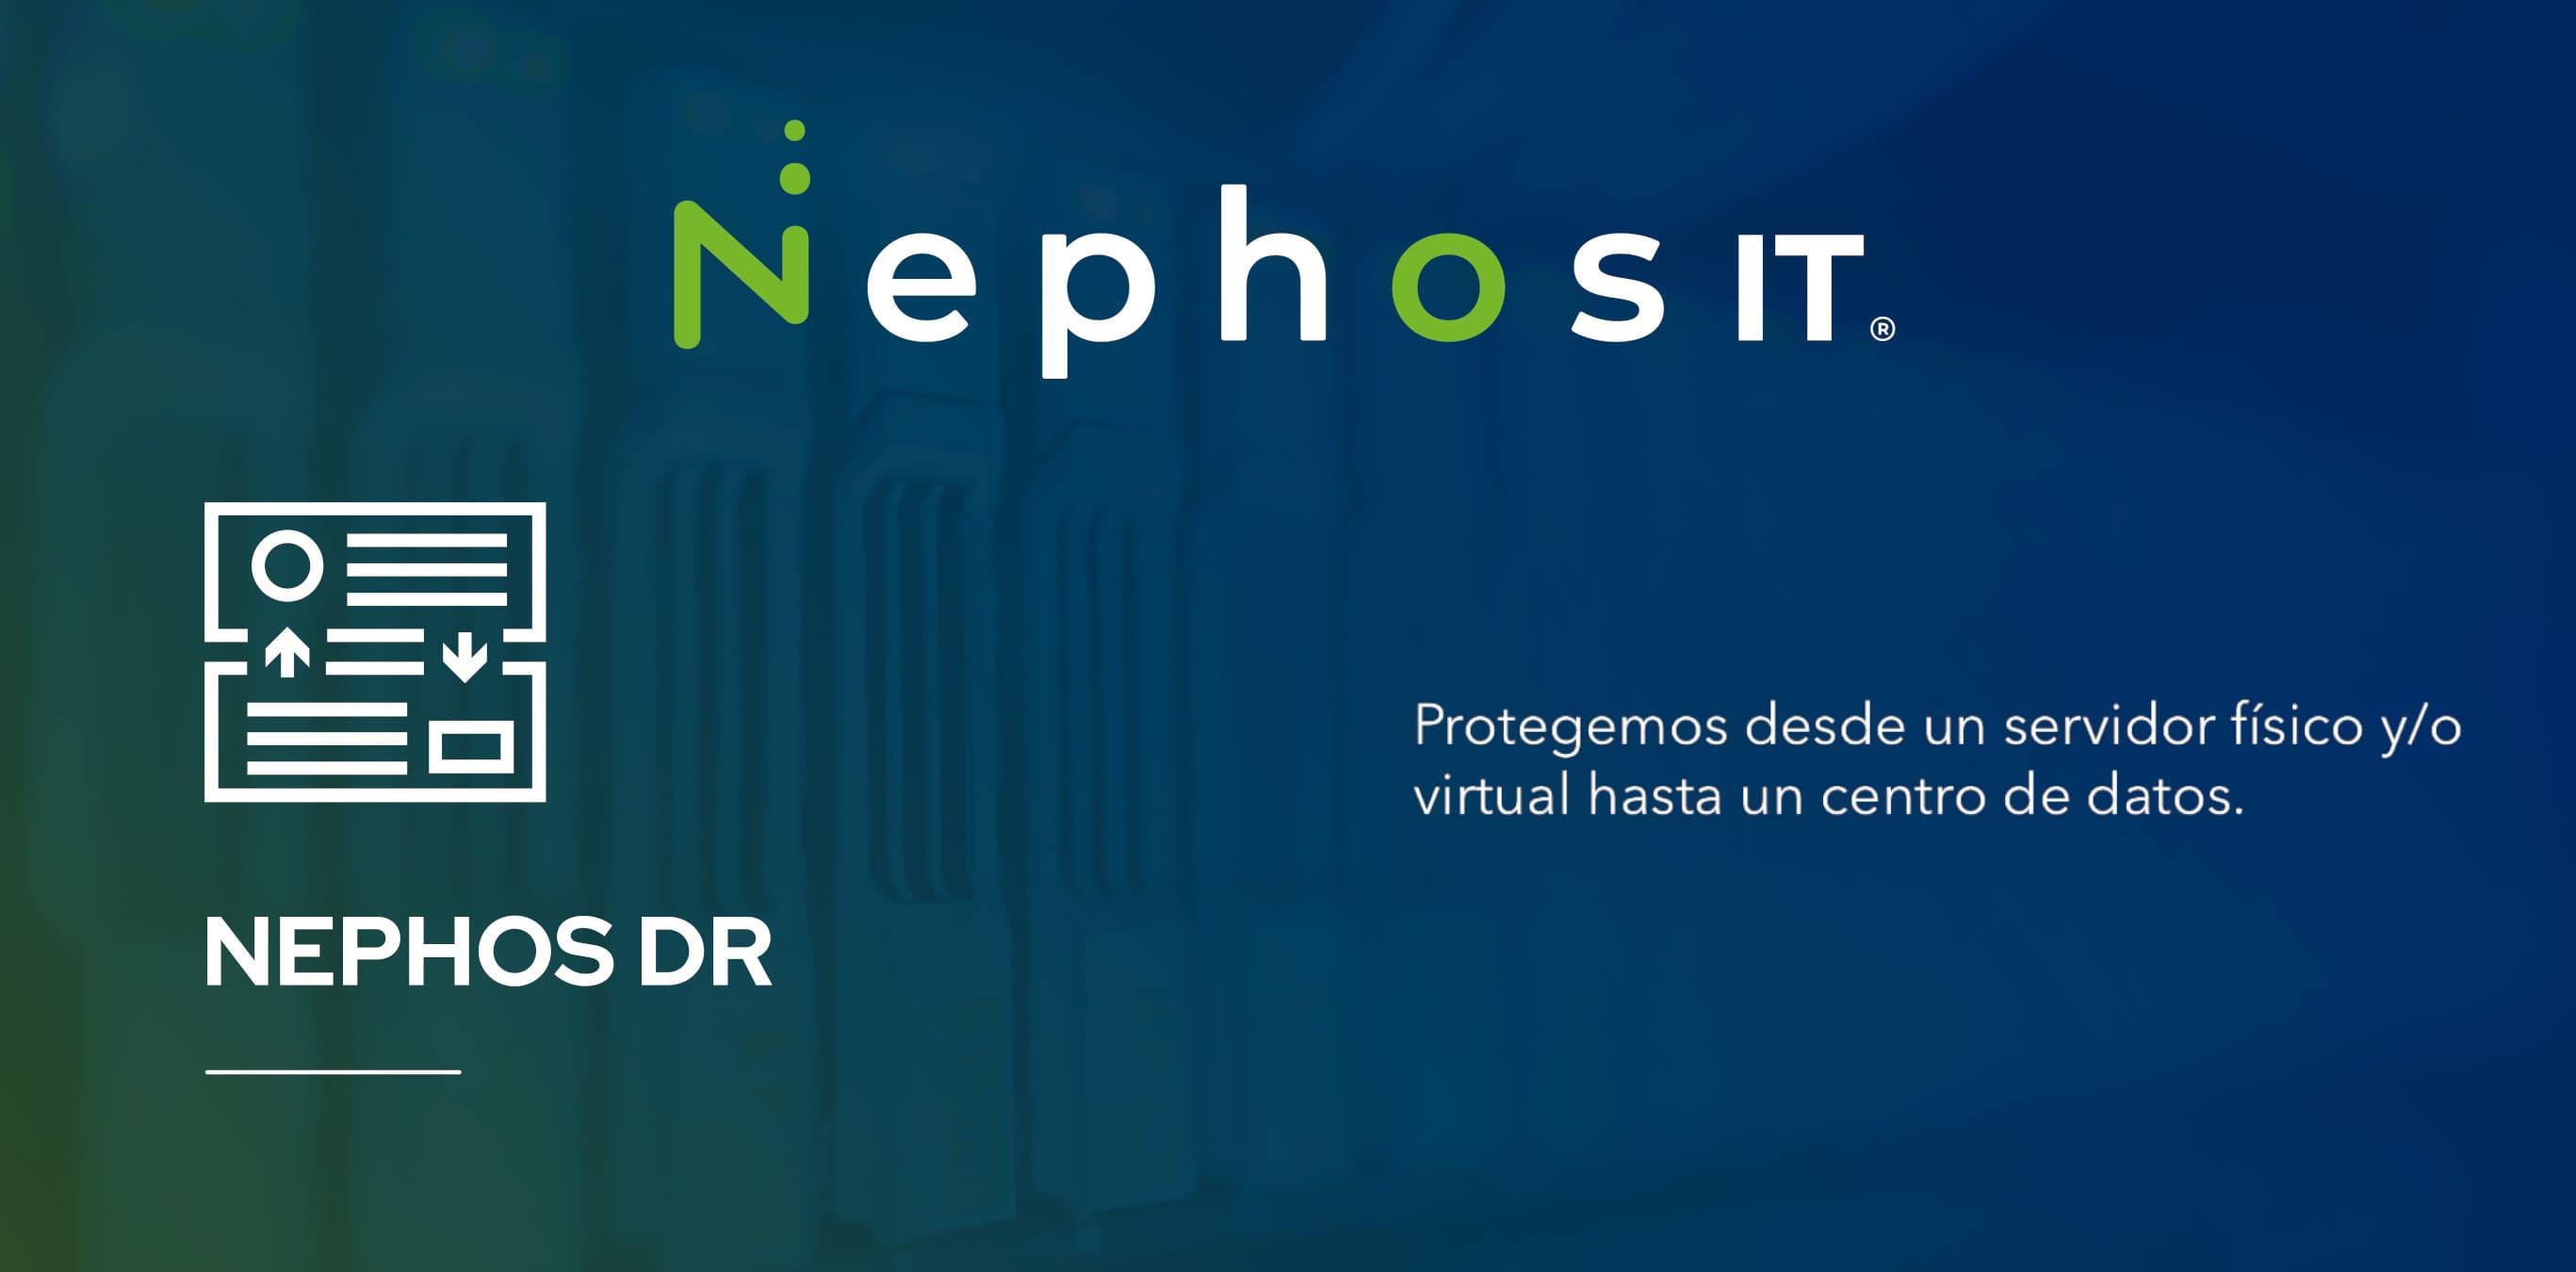 DR Nephos